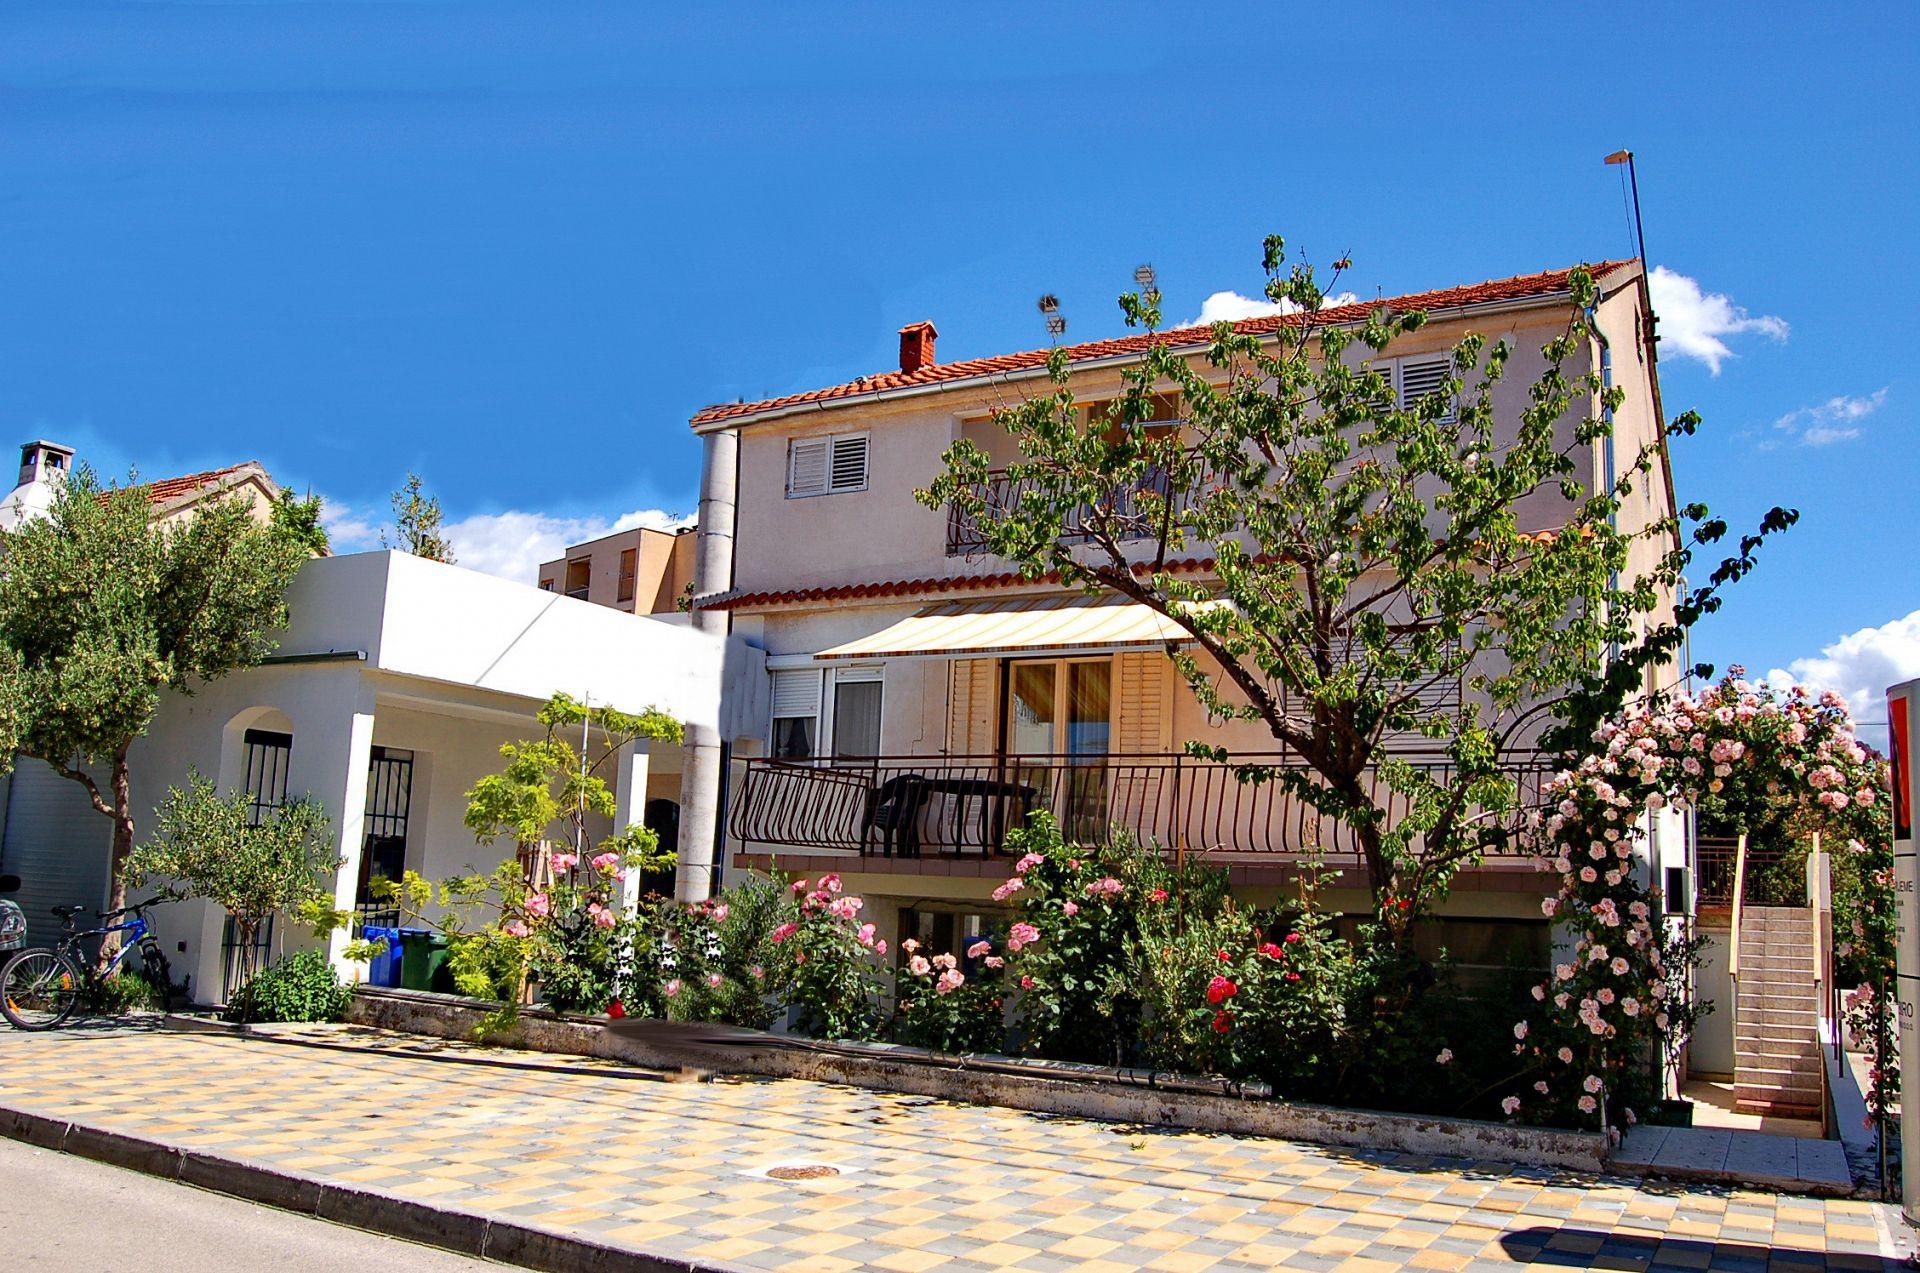 5359 - Biograd - Ferienwohnungen Kroatien